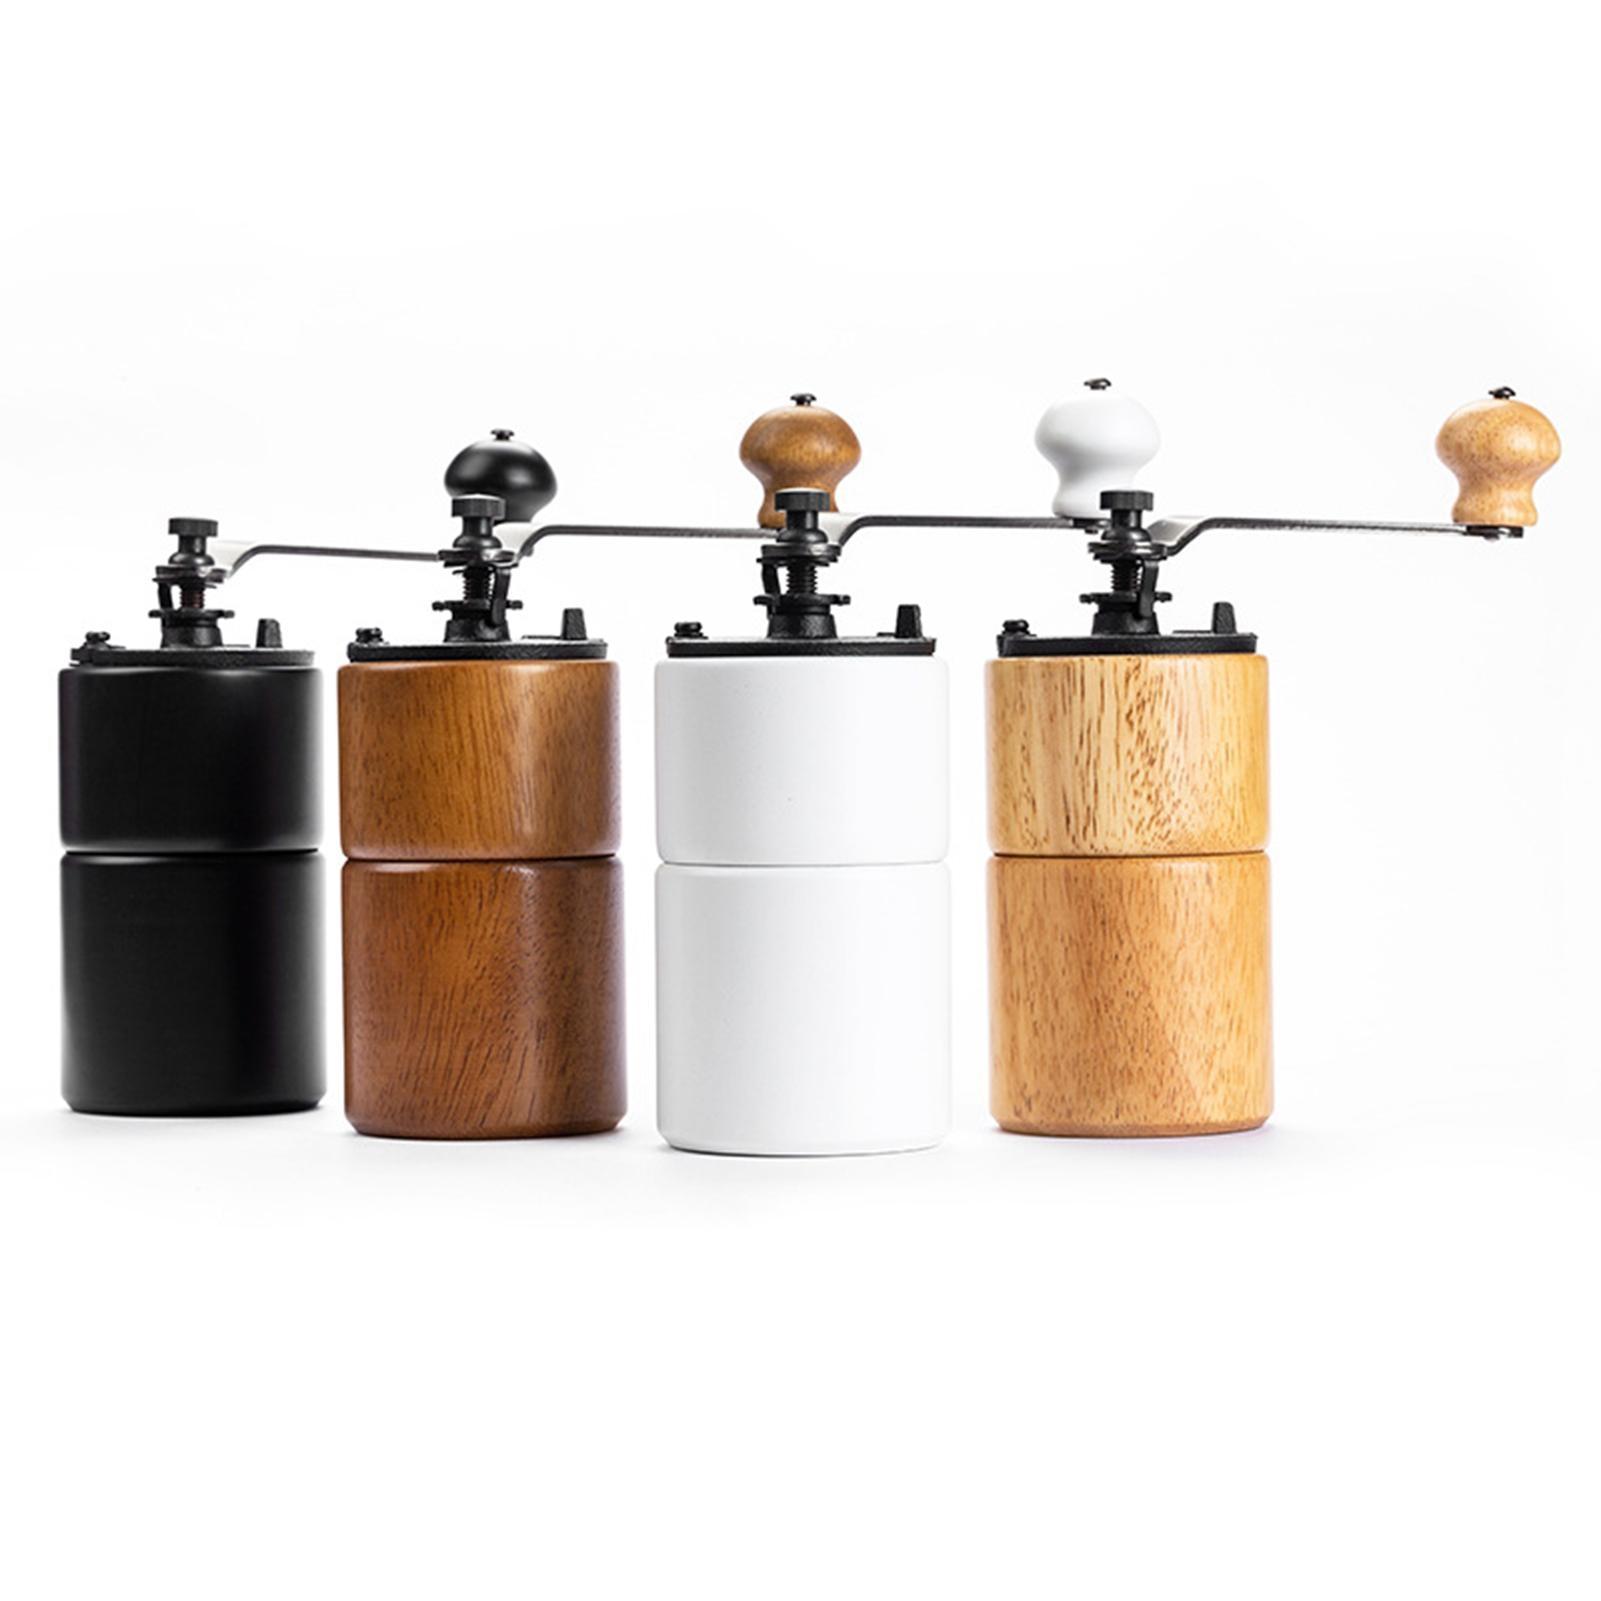 قابل للتعديل طحن سمك دليل خشب متين طاحونة القهوة اليدوية للمنزل السفر المطبخ أداة المطاحن